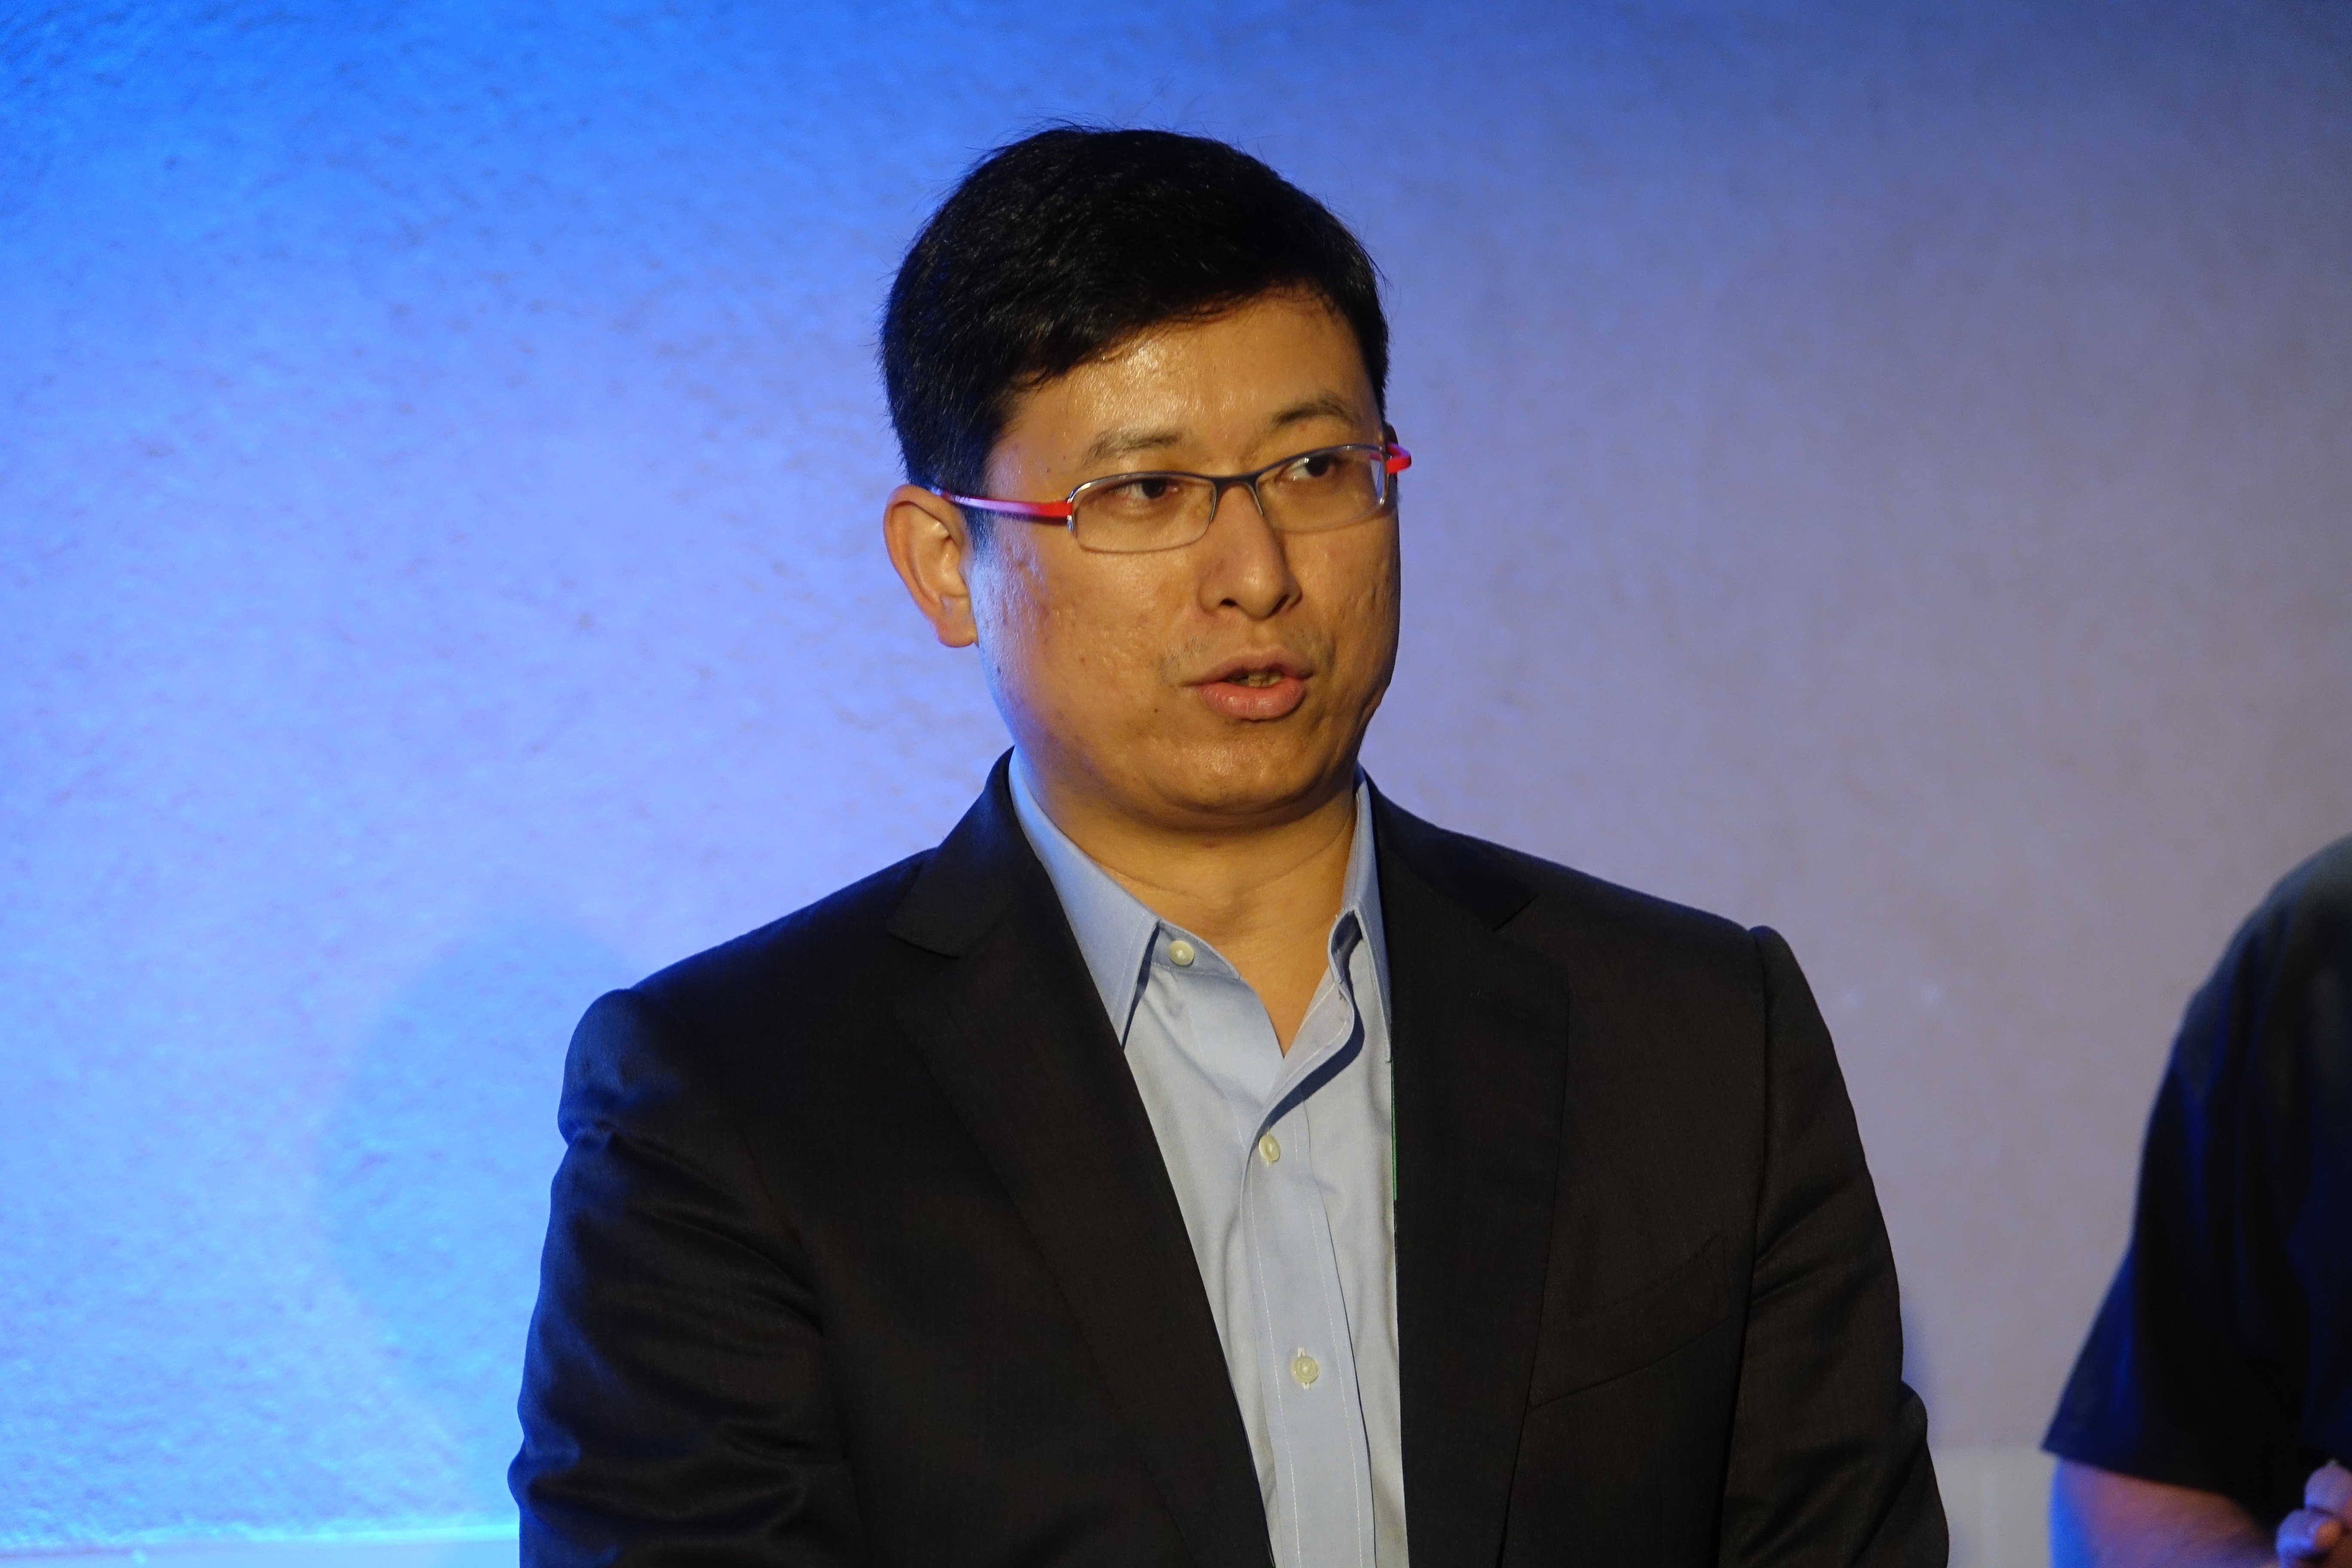 レノボ アジアパシフィック スマートフォンビジネス担当バイスプレジデントのDillon Ye氏